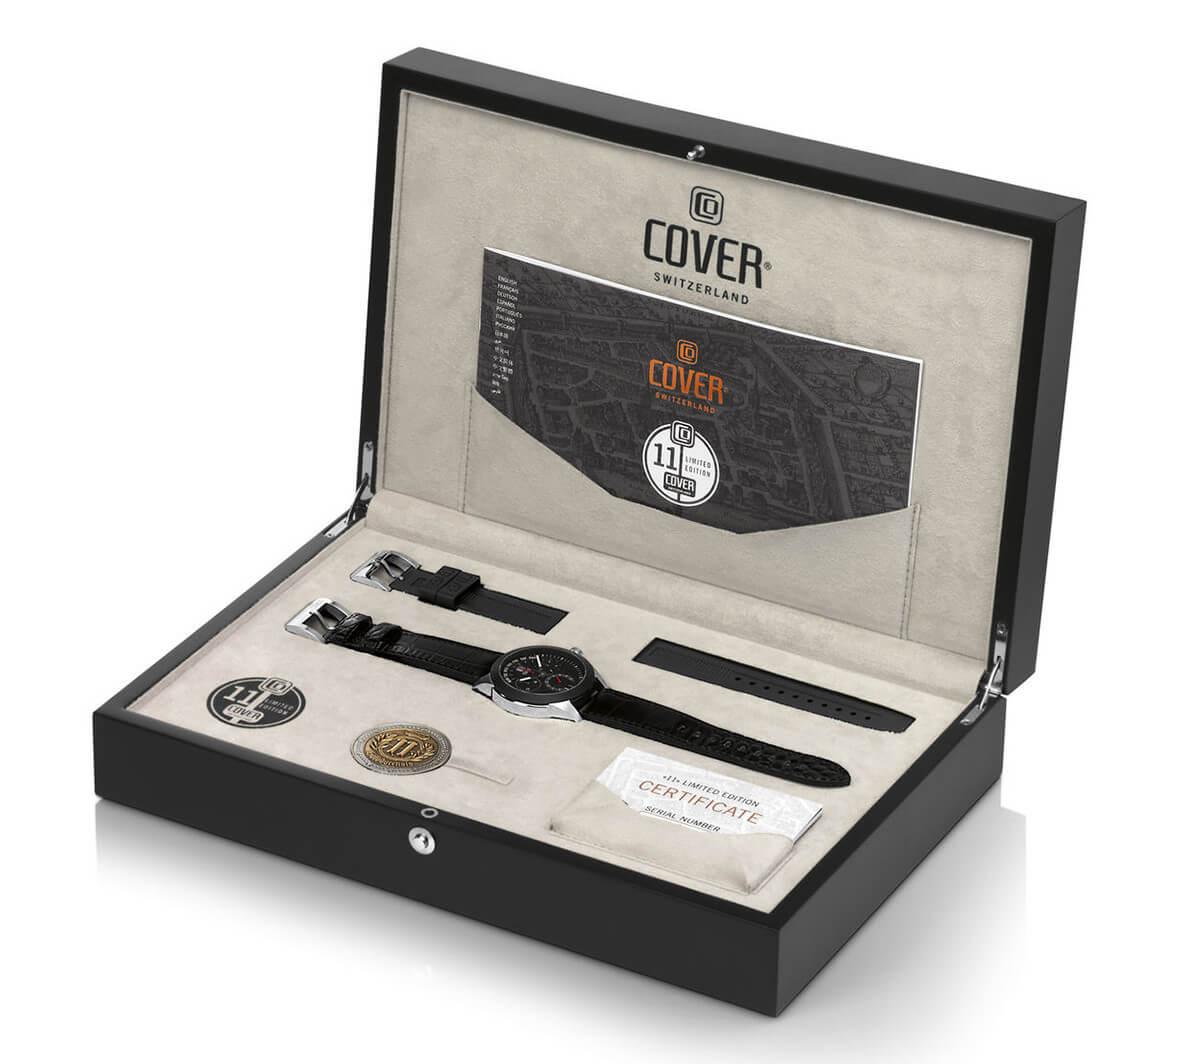 cover コヴァー ELEVEN(イレブン) 限定品ならではの豪華なボックス